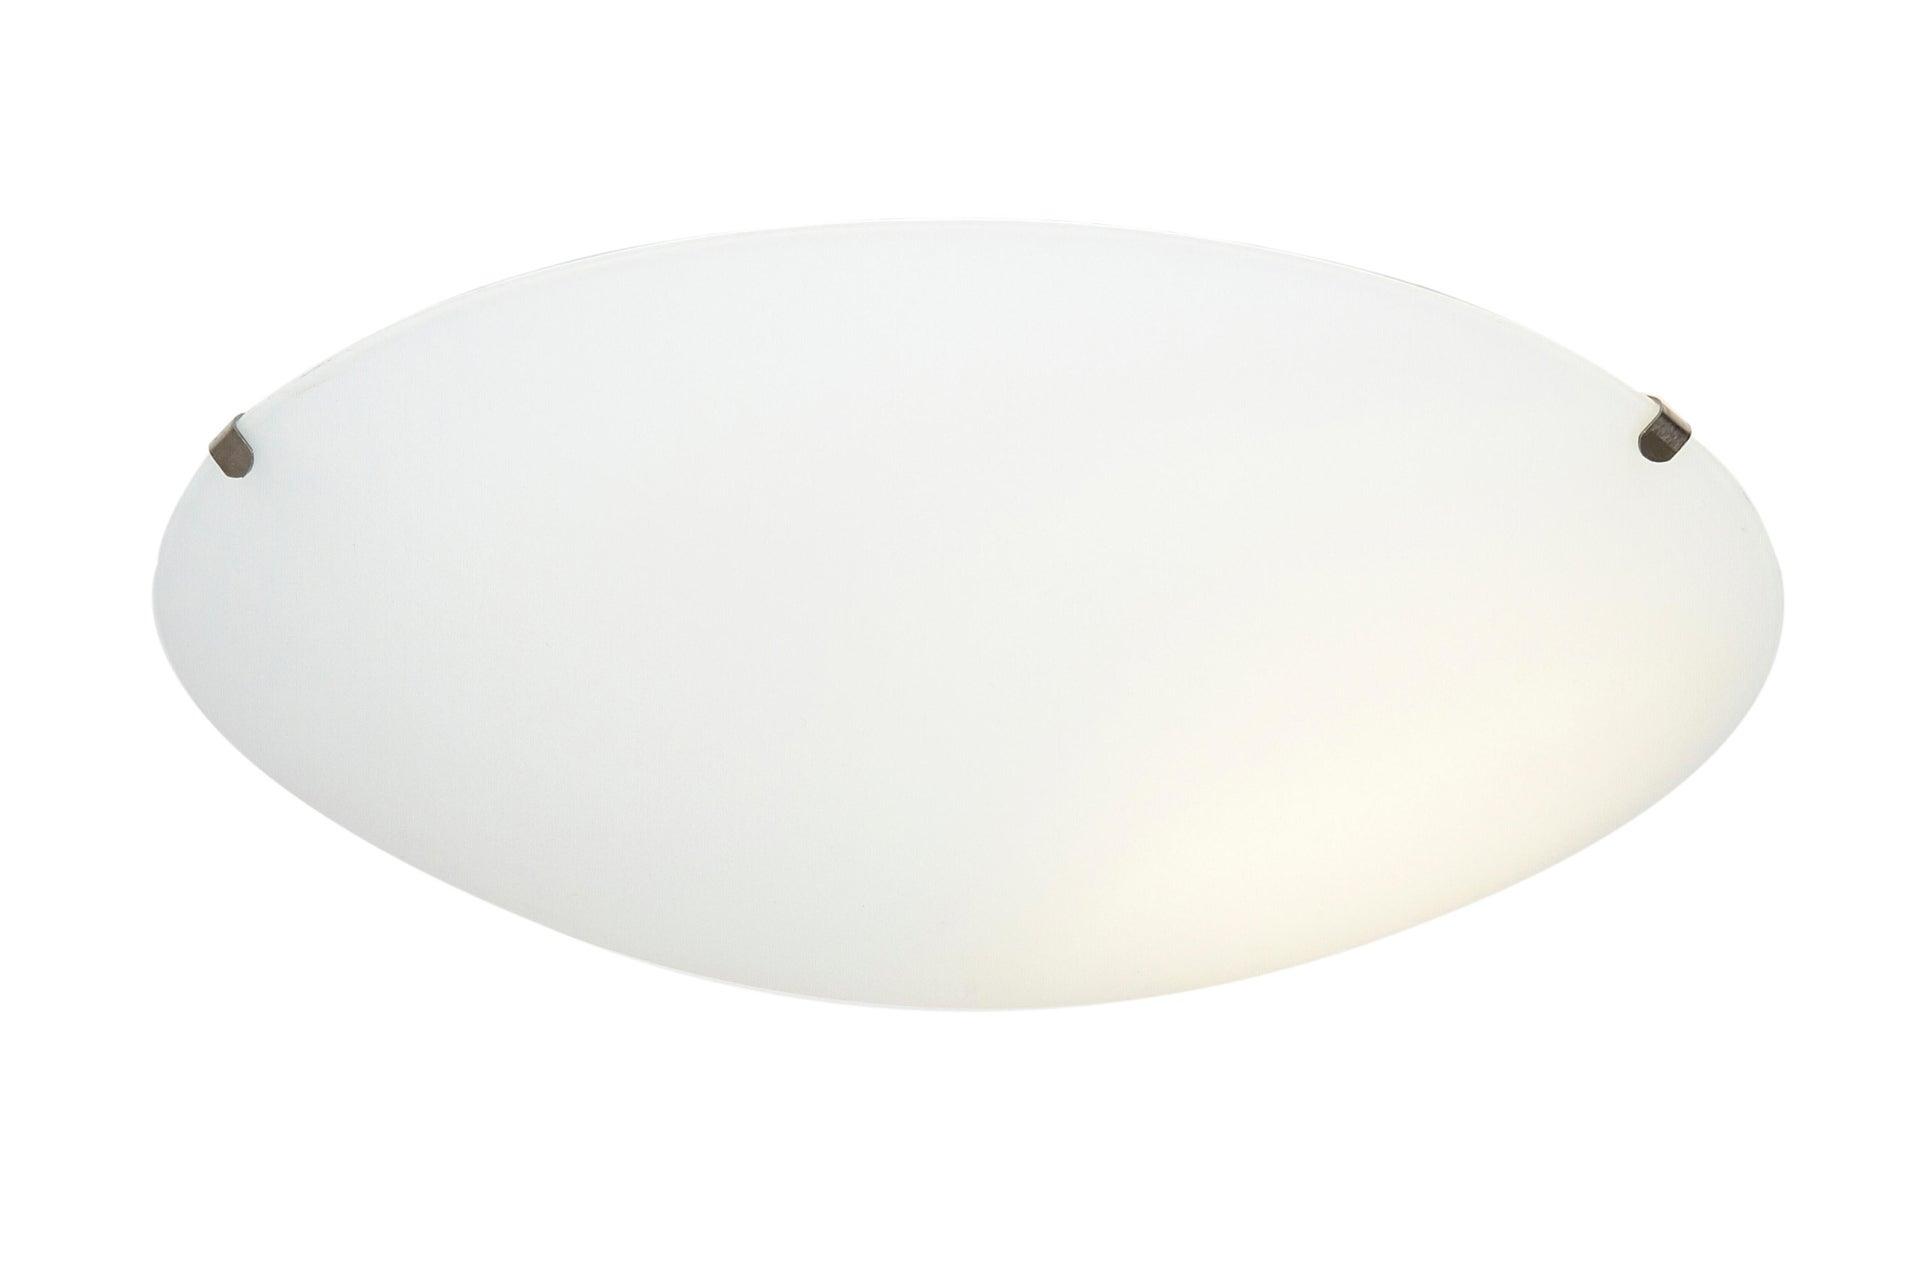 Plafoniera classico Pluton bianco, in cristallo, D. 25 cm 25x25 cm, - 11